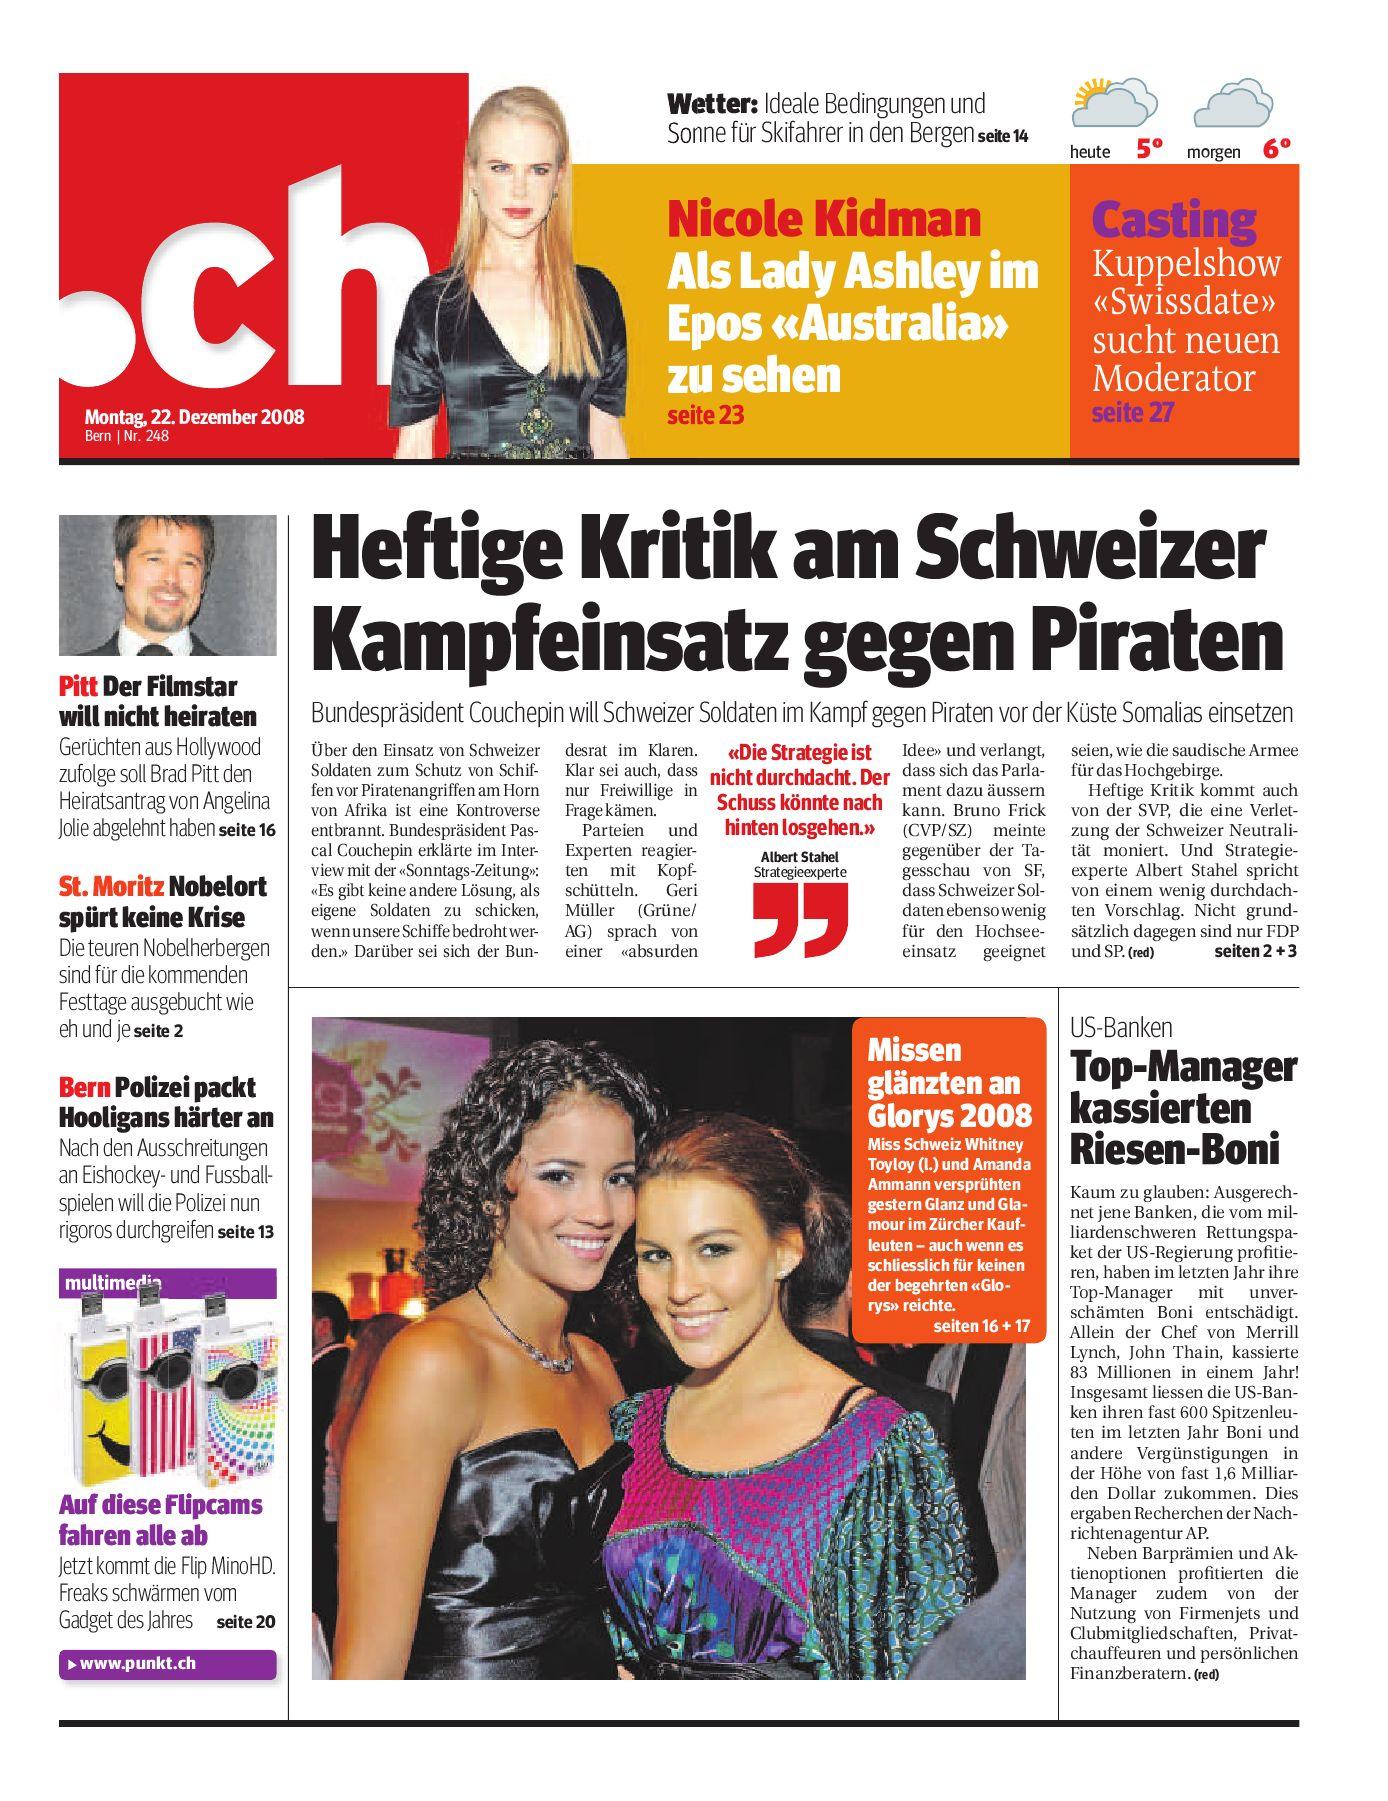 Dating Switzerland Muri Bei Bern, Swiss Free Sitten